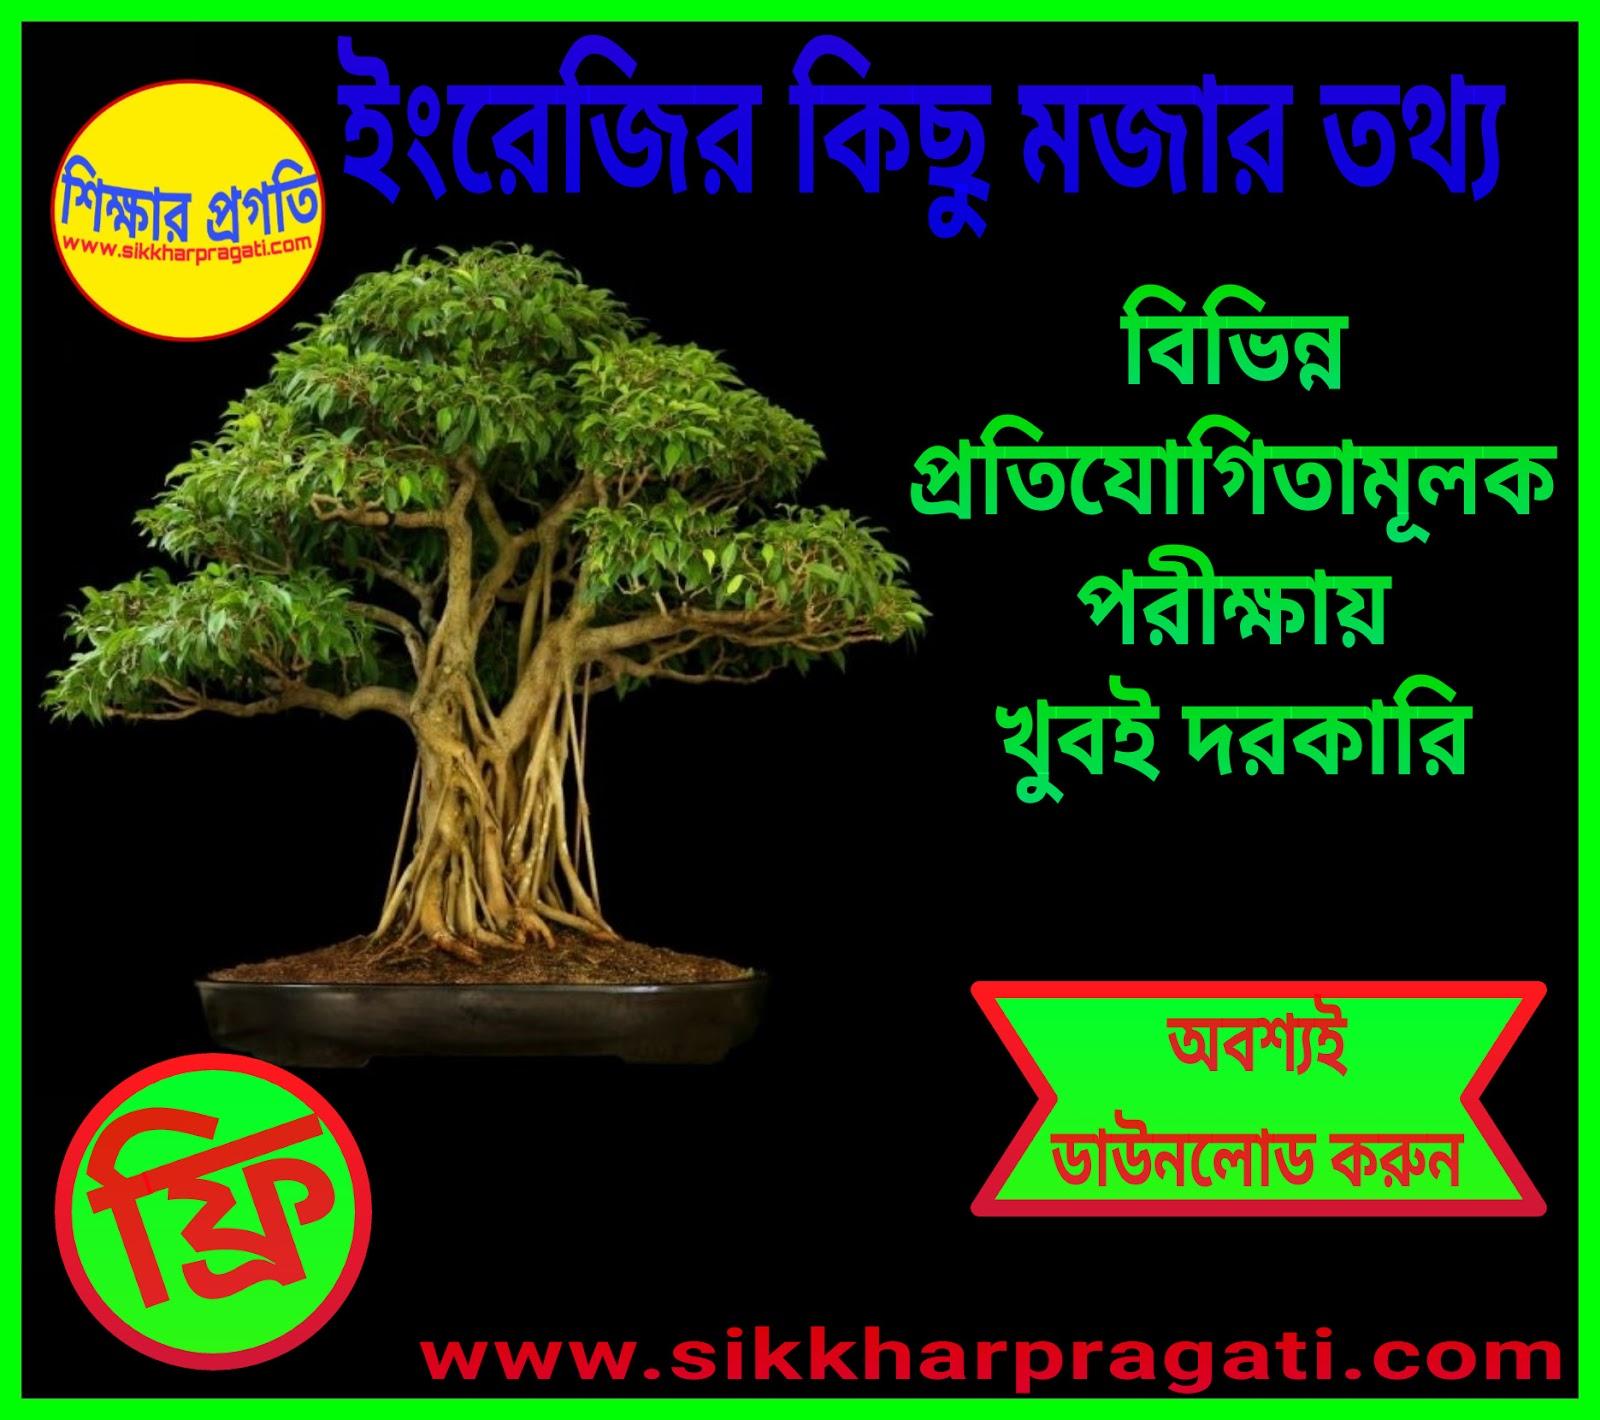 ইংরেজি বানান মনে রাখার কৌশল পিডিএফ - Tactics to remember English spelling   in Bengali PDF For Competitive Exams.